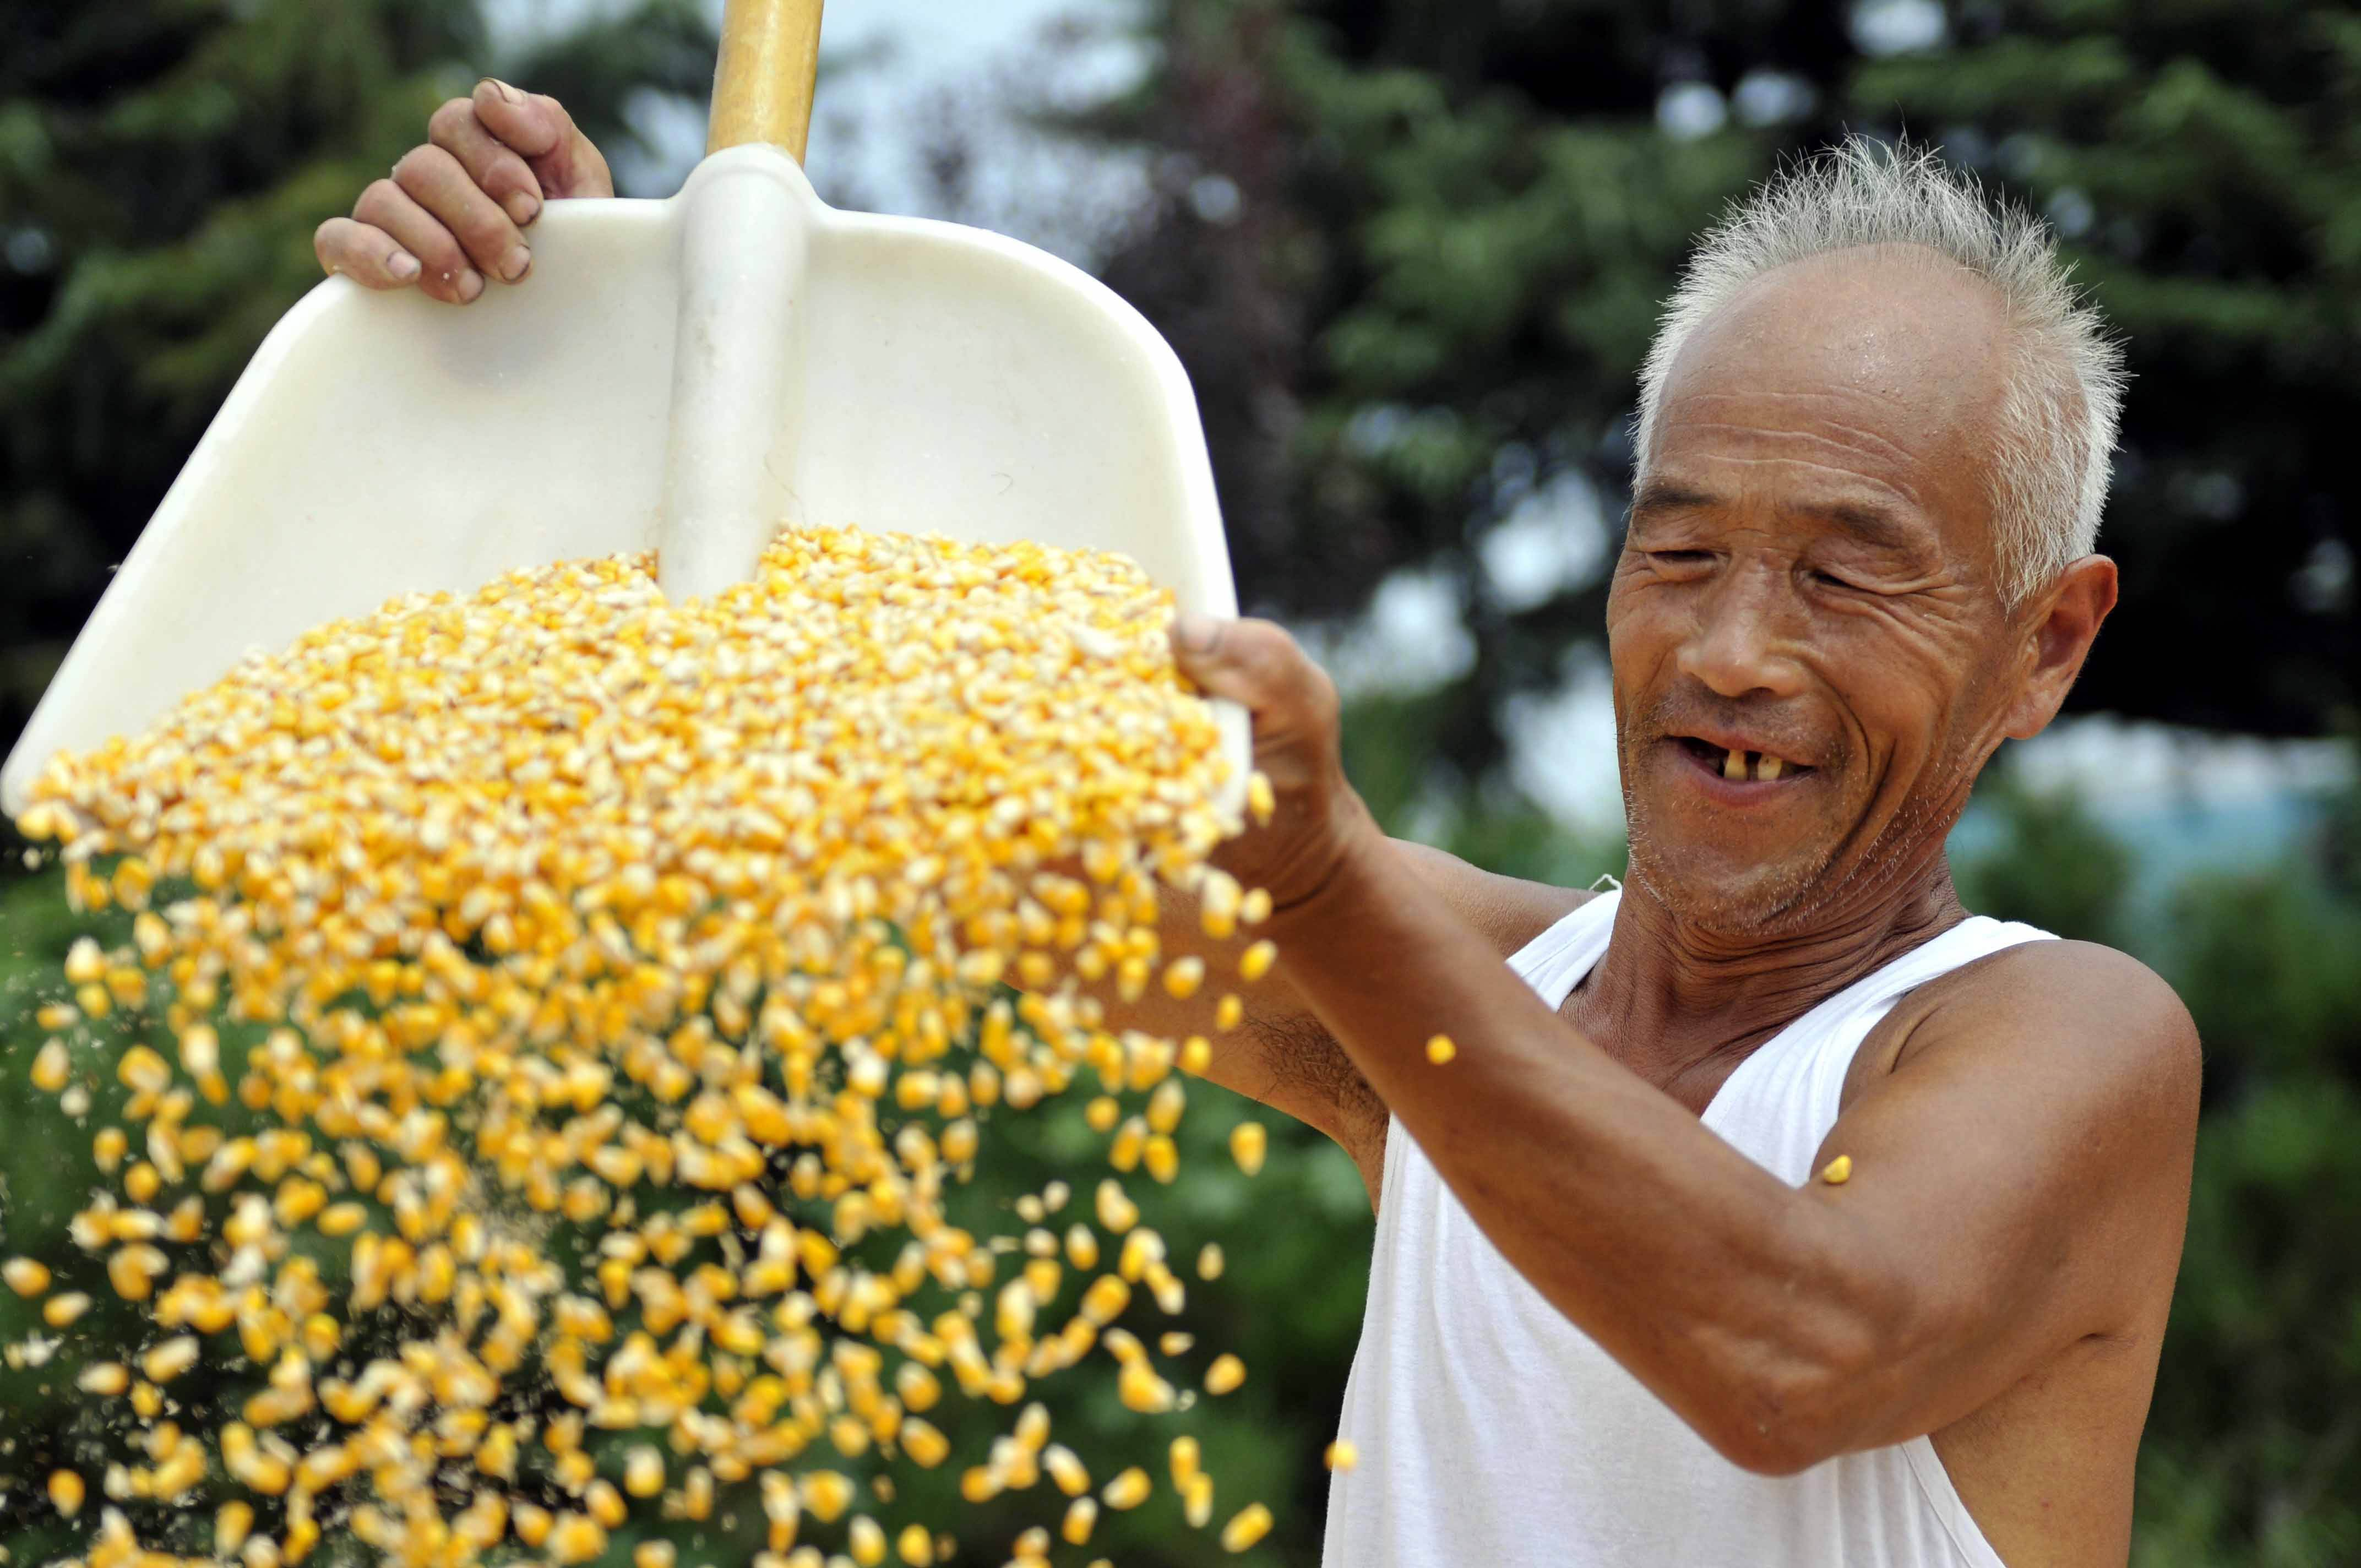 玉米期价止跌企稳 短线继续震荡调整